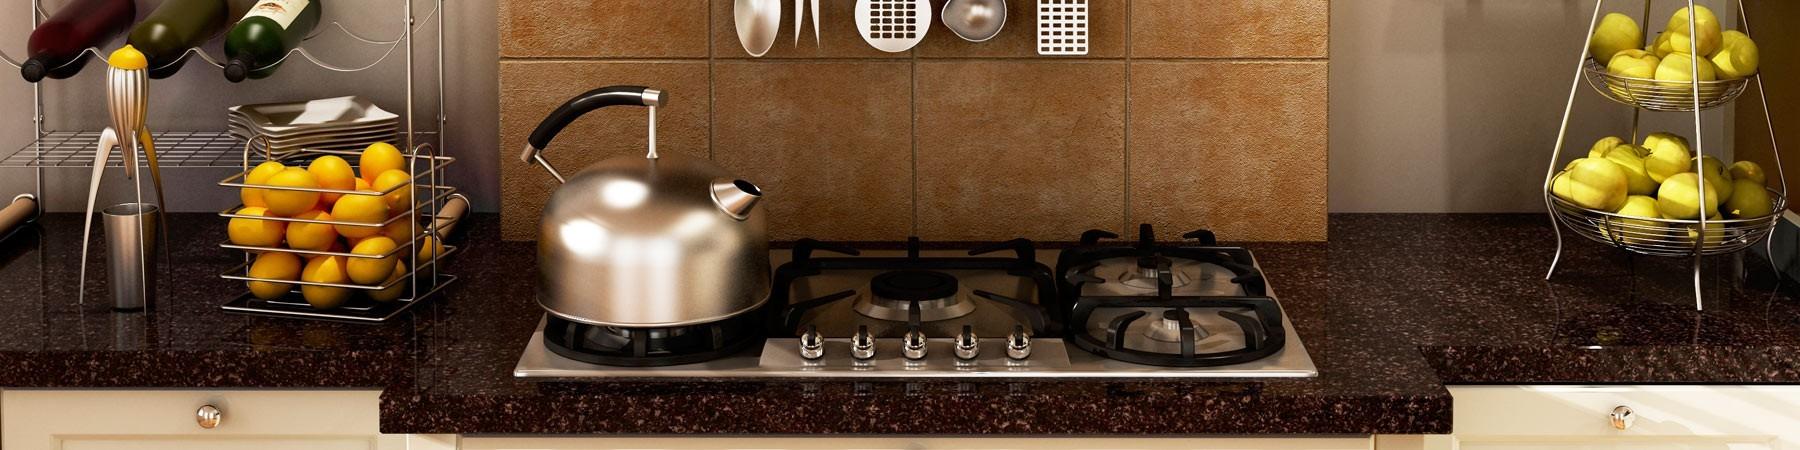 Bếp từ,bếp điện từ nấu phòng bếp gia đình,nhà hàng chính hãng.Giá rẻ